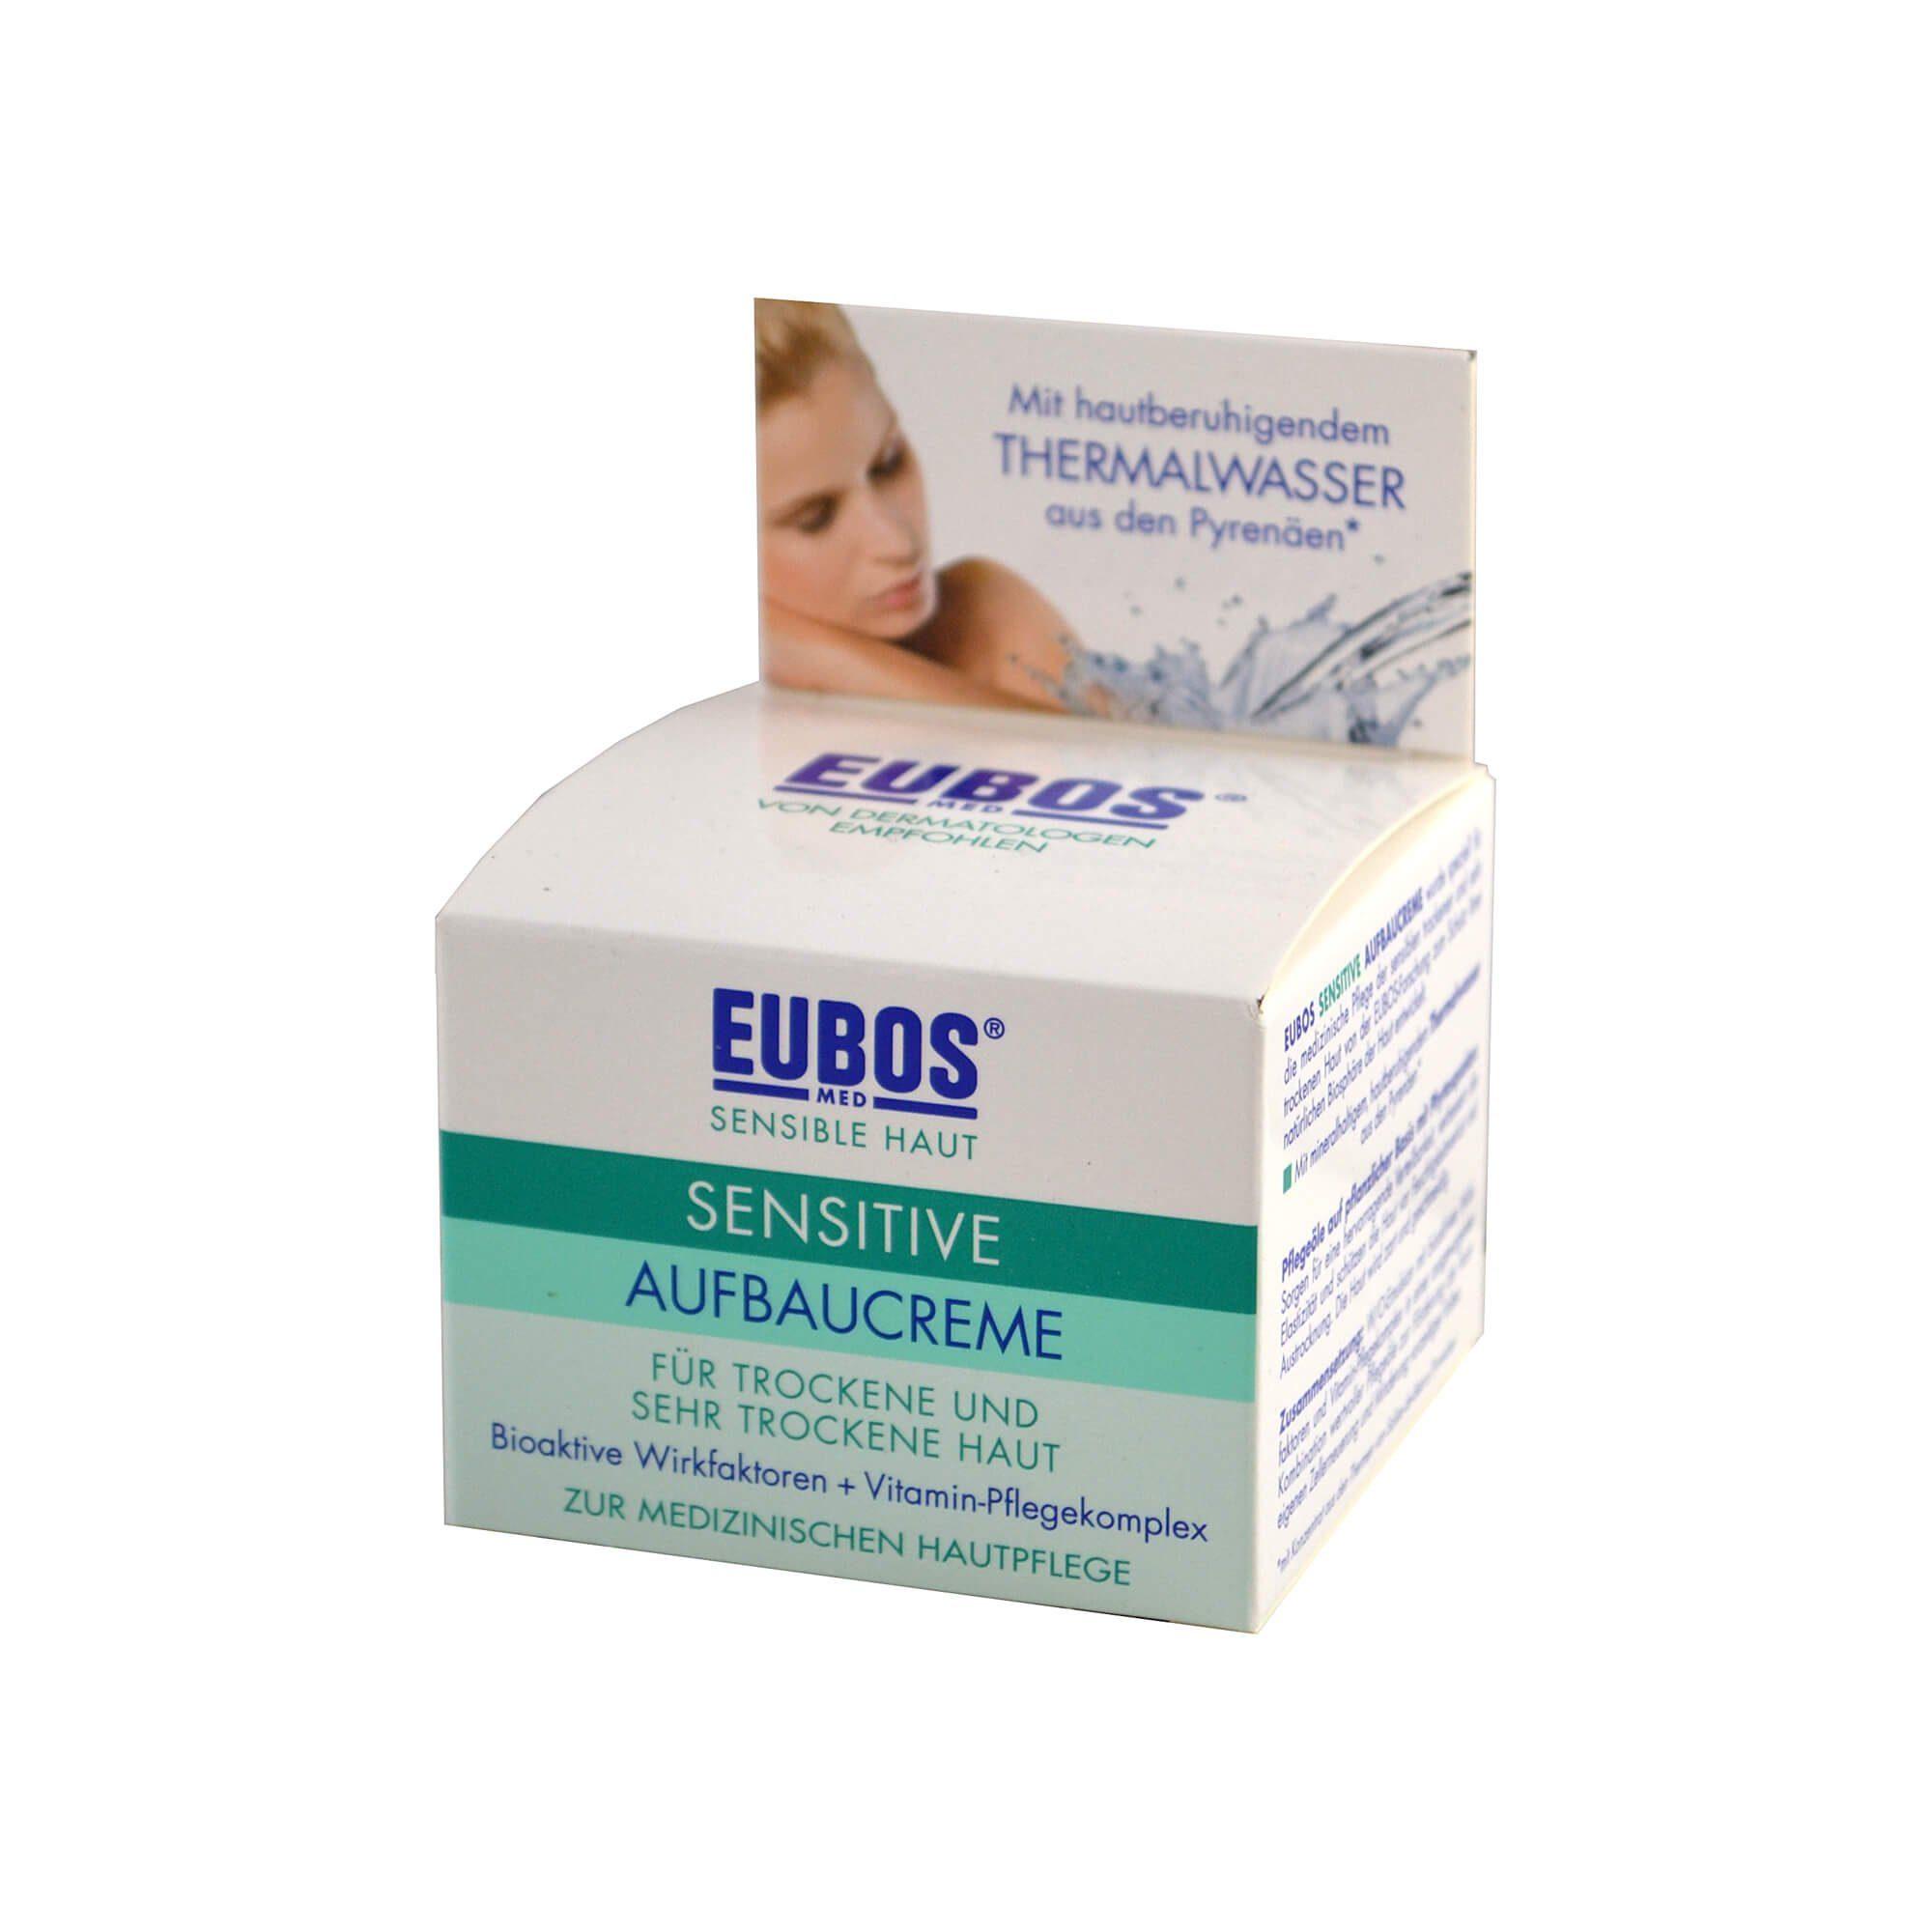 Eubos Sensitive Aufbaucreme, 50 ml